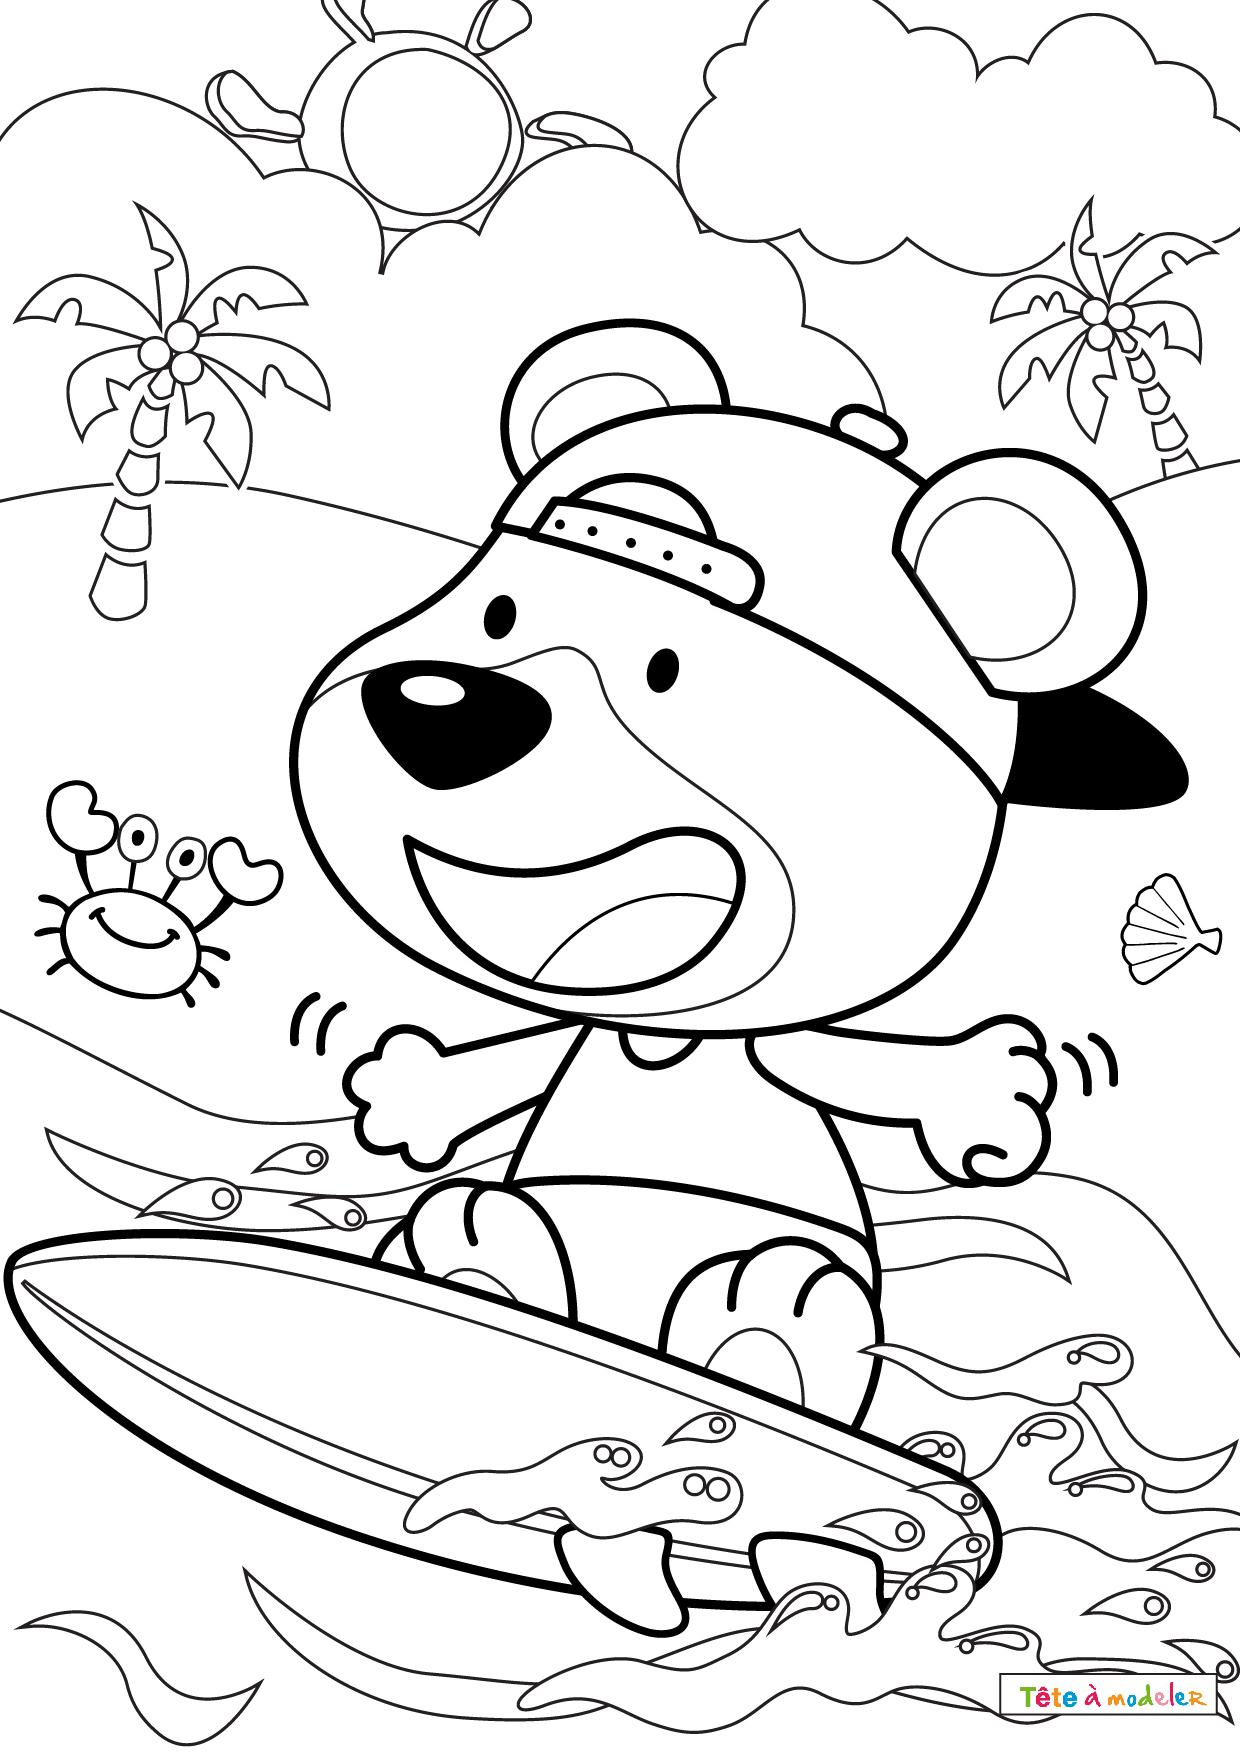 Coloriage D'Été : Un Dessin Avec Un Chier Surfeur Avec intérieur Dessin Surfeur